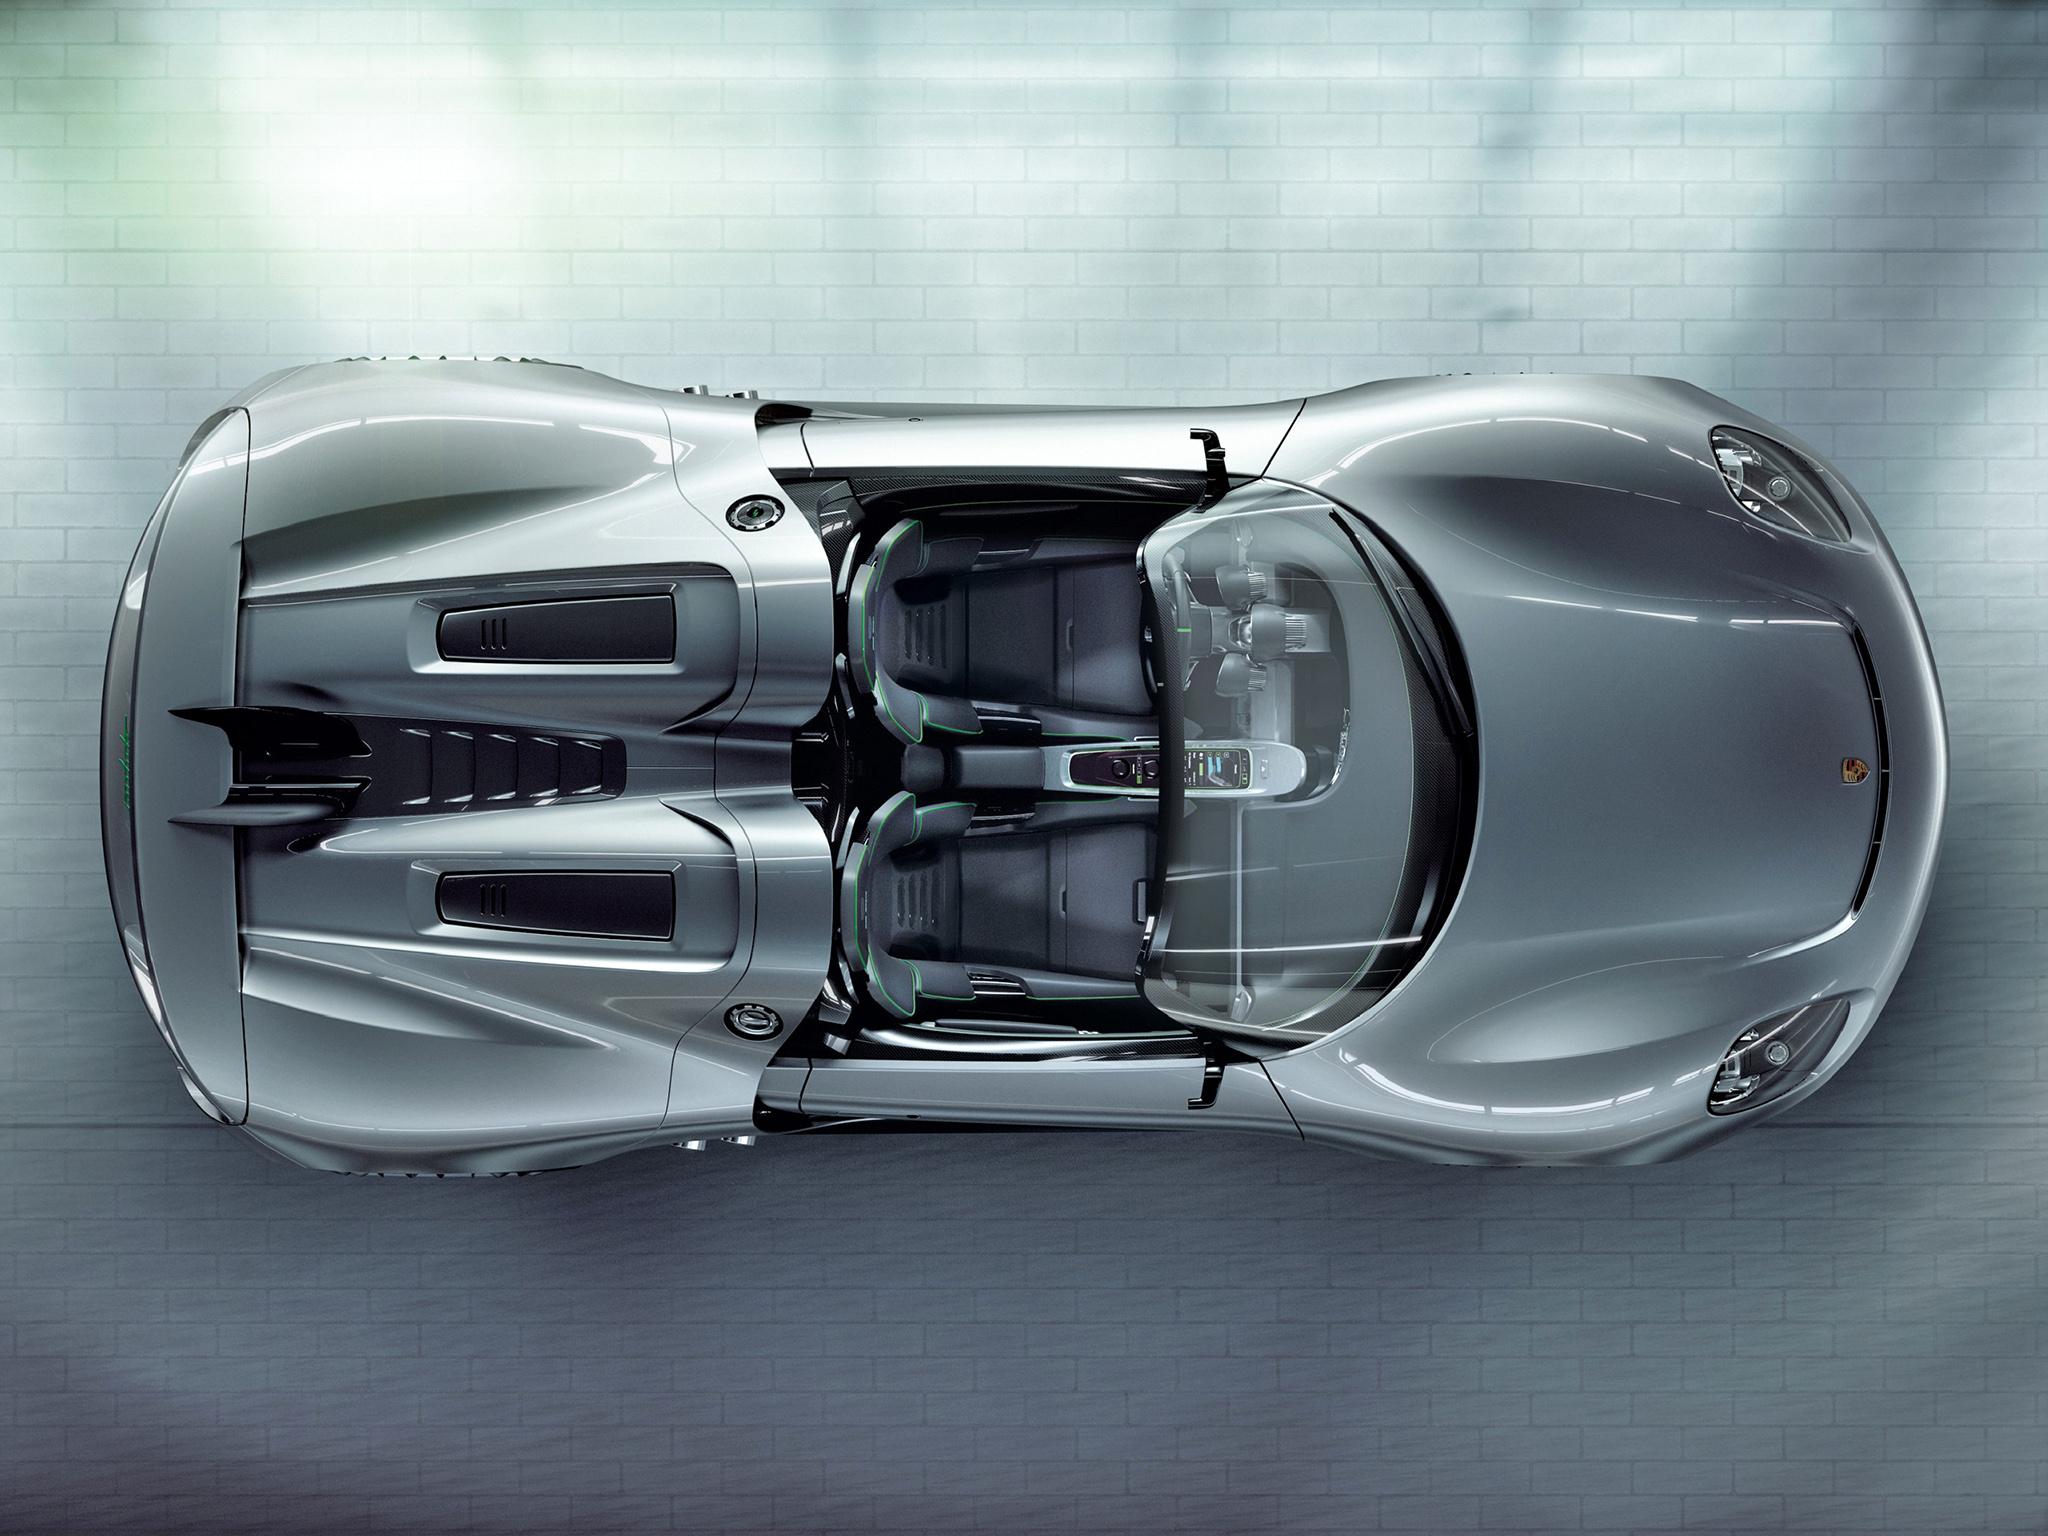 2010 porsche 918 spyder concept supercar supercars interior g wallpaper 2048x1536 131602 wallpaperup